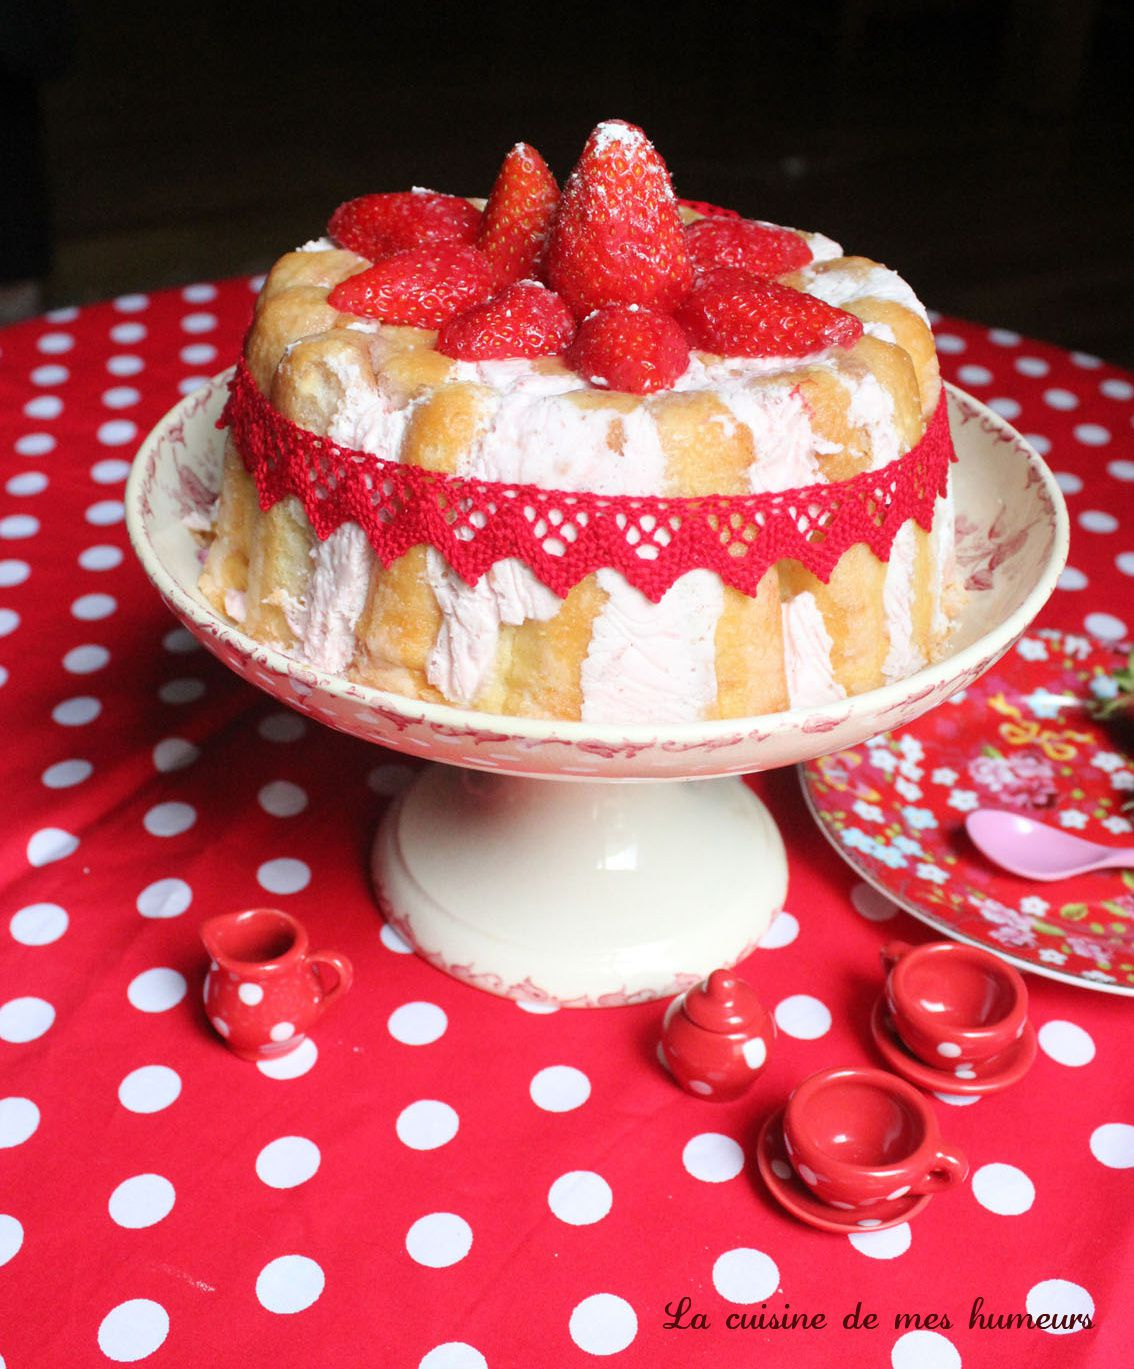 La charlotte aux fraises d 39 am lie recette de printemps la cuisine de mes humeurs - Jeux de charlotte aux fraises cuisine gateaux ...